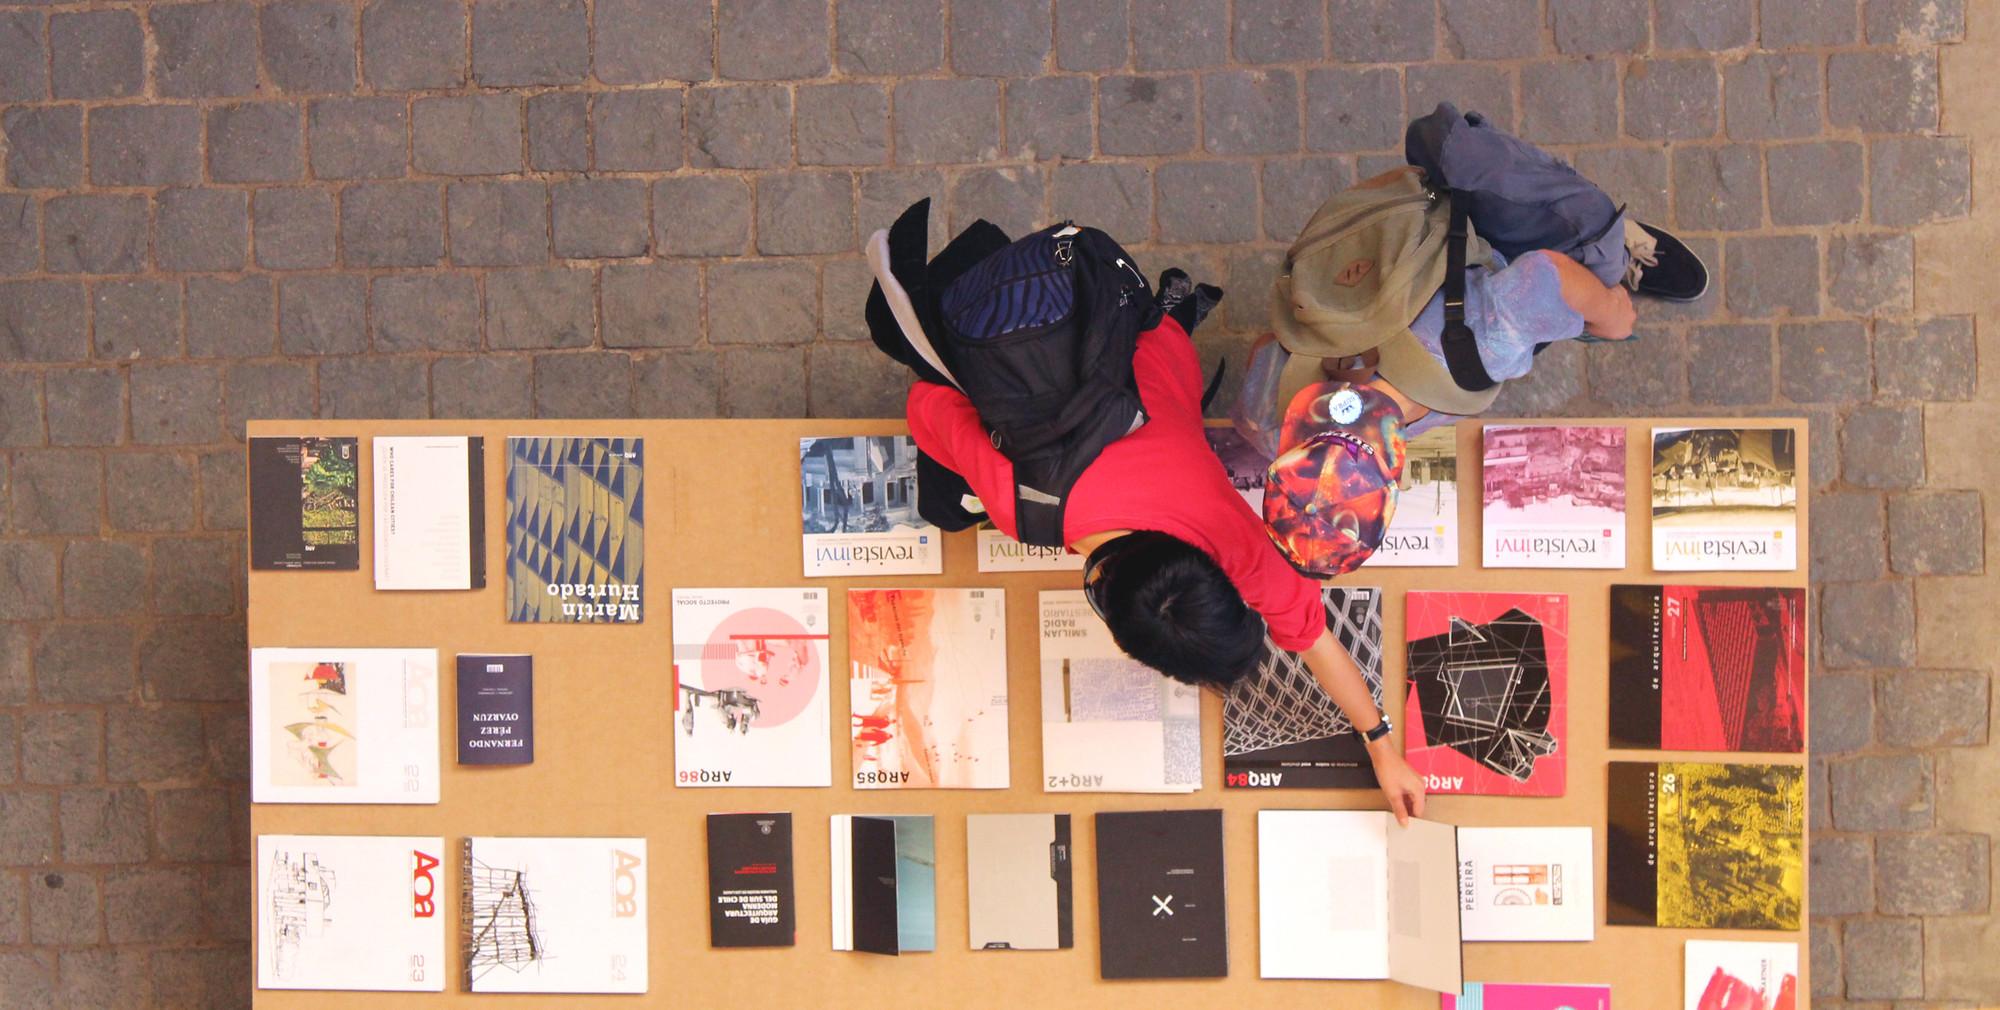 Crítica, opinión y concientización: XIX Bienal de Chile presenta sus seis publicaciones premiadas, Muestra de publicaciones en XIX Bienal de Arquitectura y Urbanismo. Image Cortesia de paulamonroy